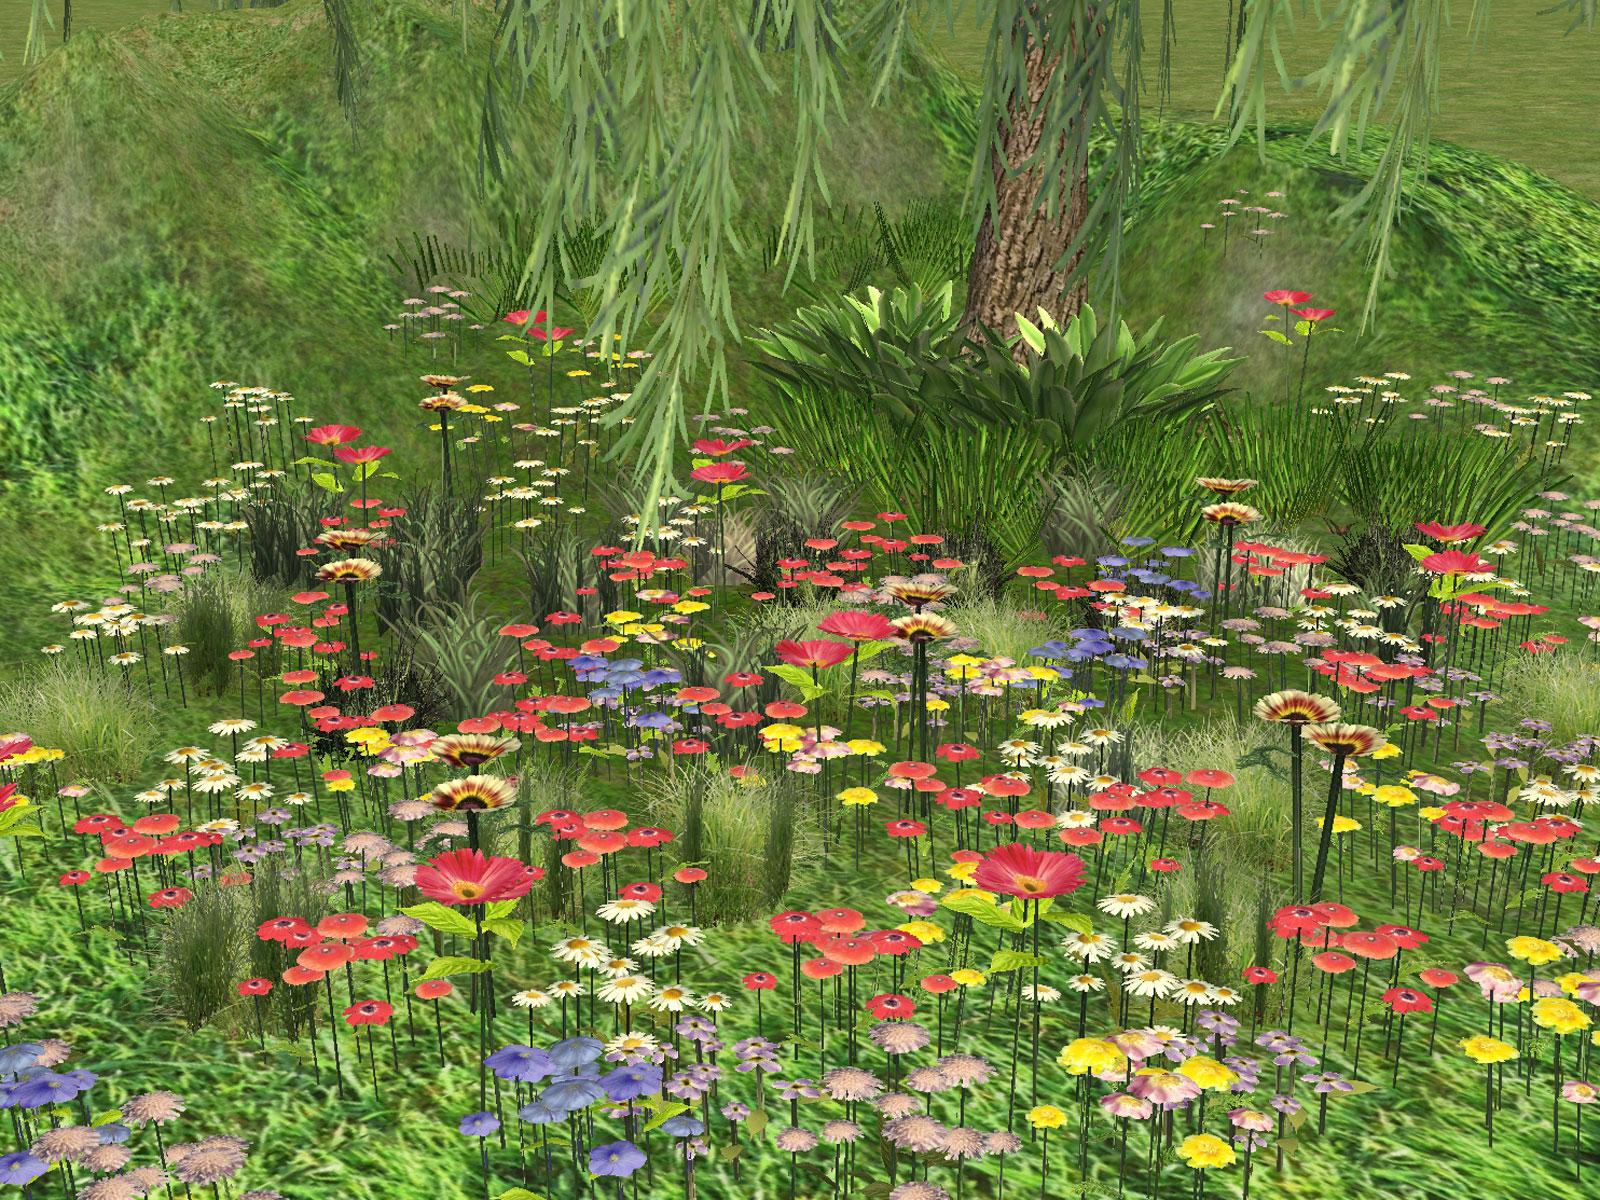 http://www.parsimonious.org/furniture2/files/k8-Resplendant_Garden.jpg